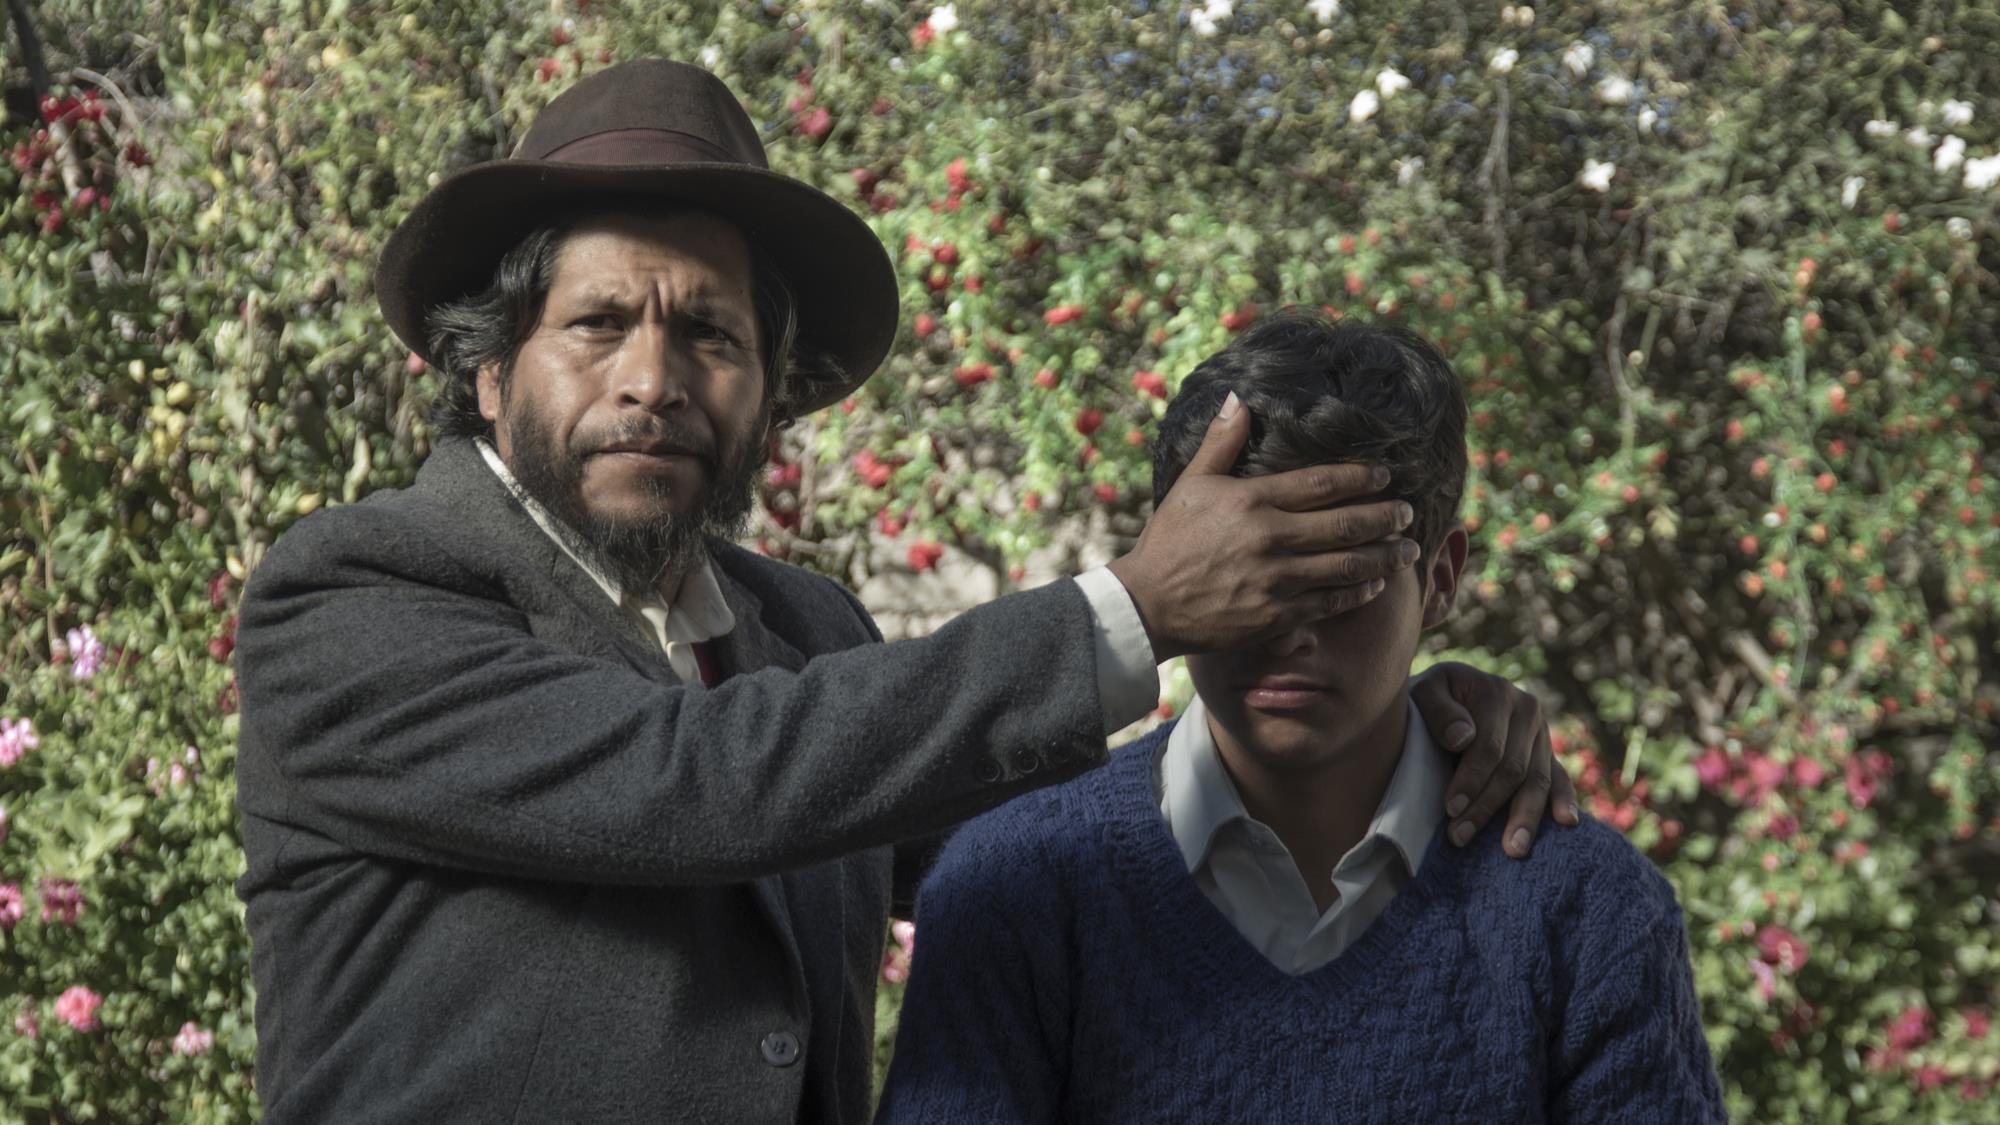 REVIEW: Tense Drama 'Retablo' Addresses Homophobia in a Close-Knit Quechua Community